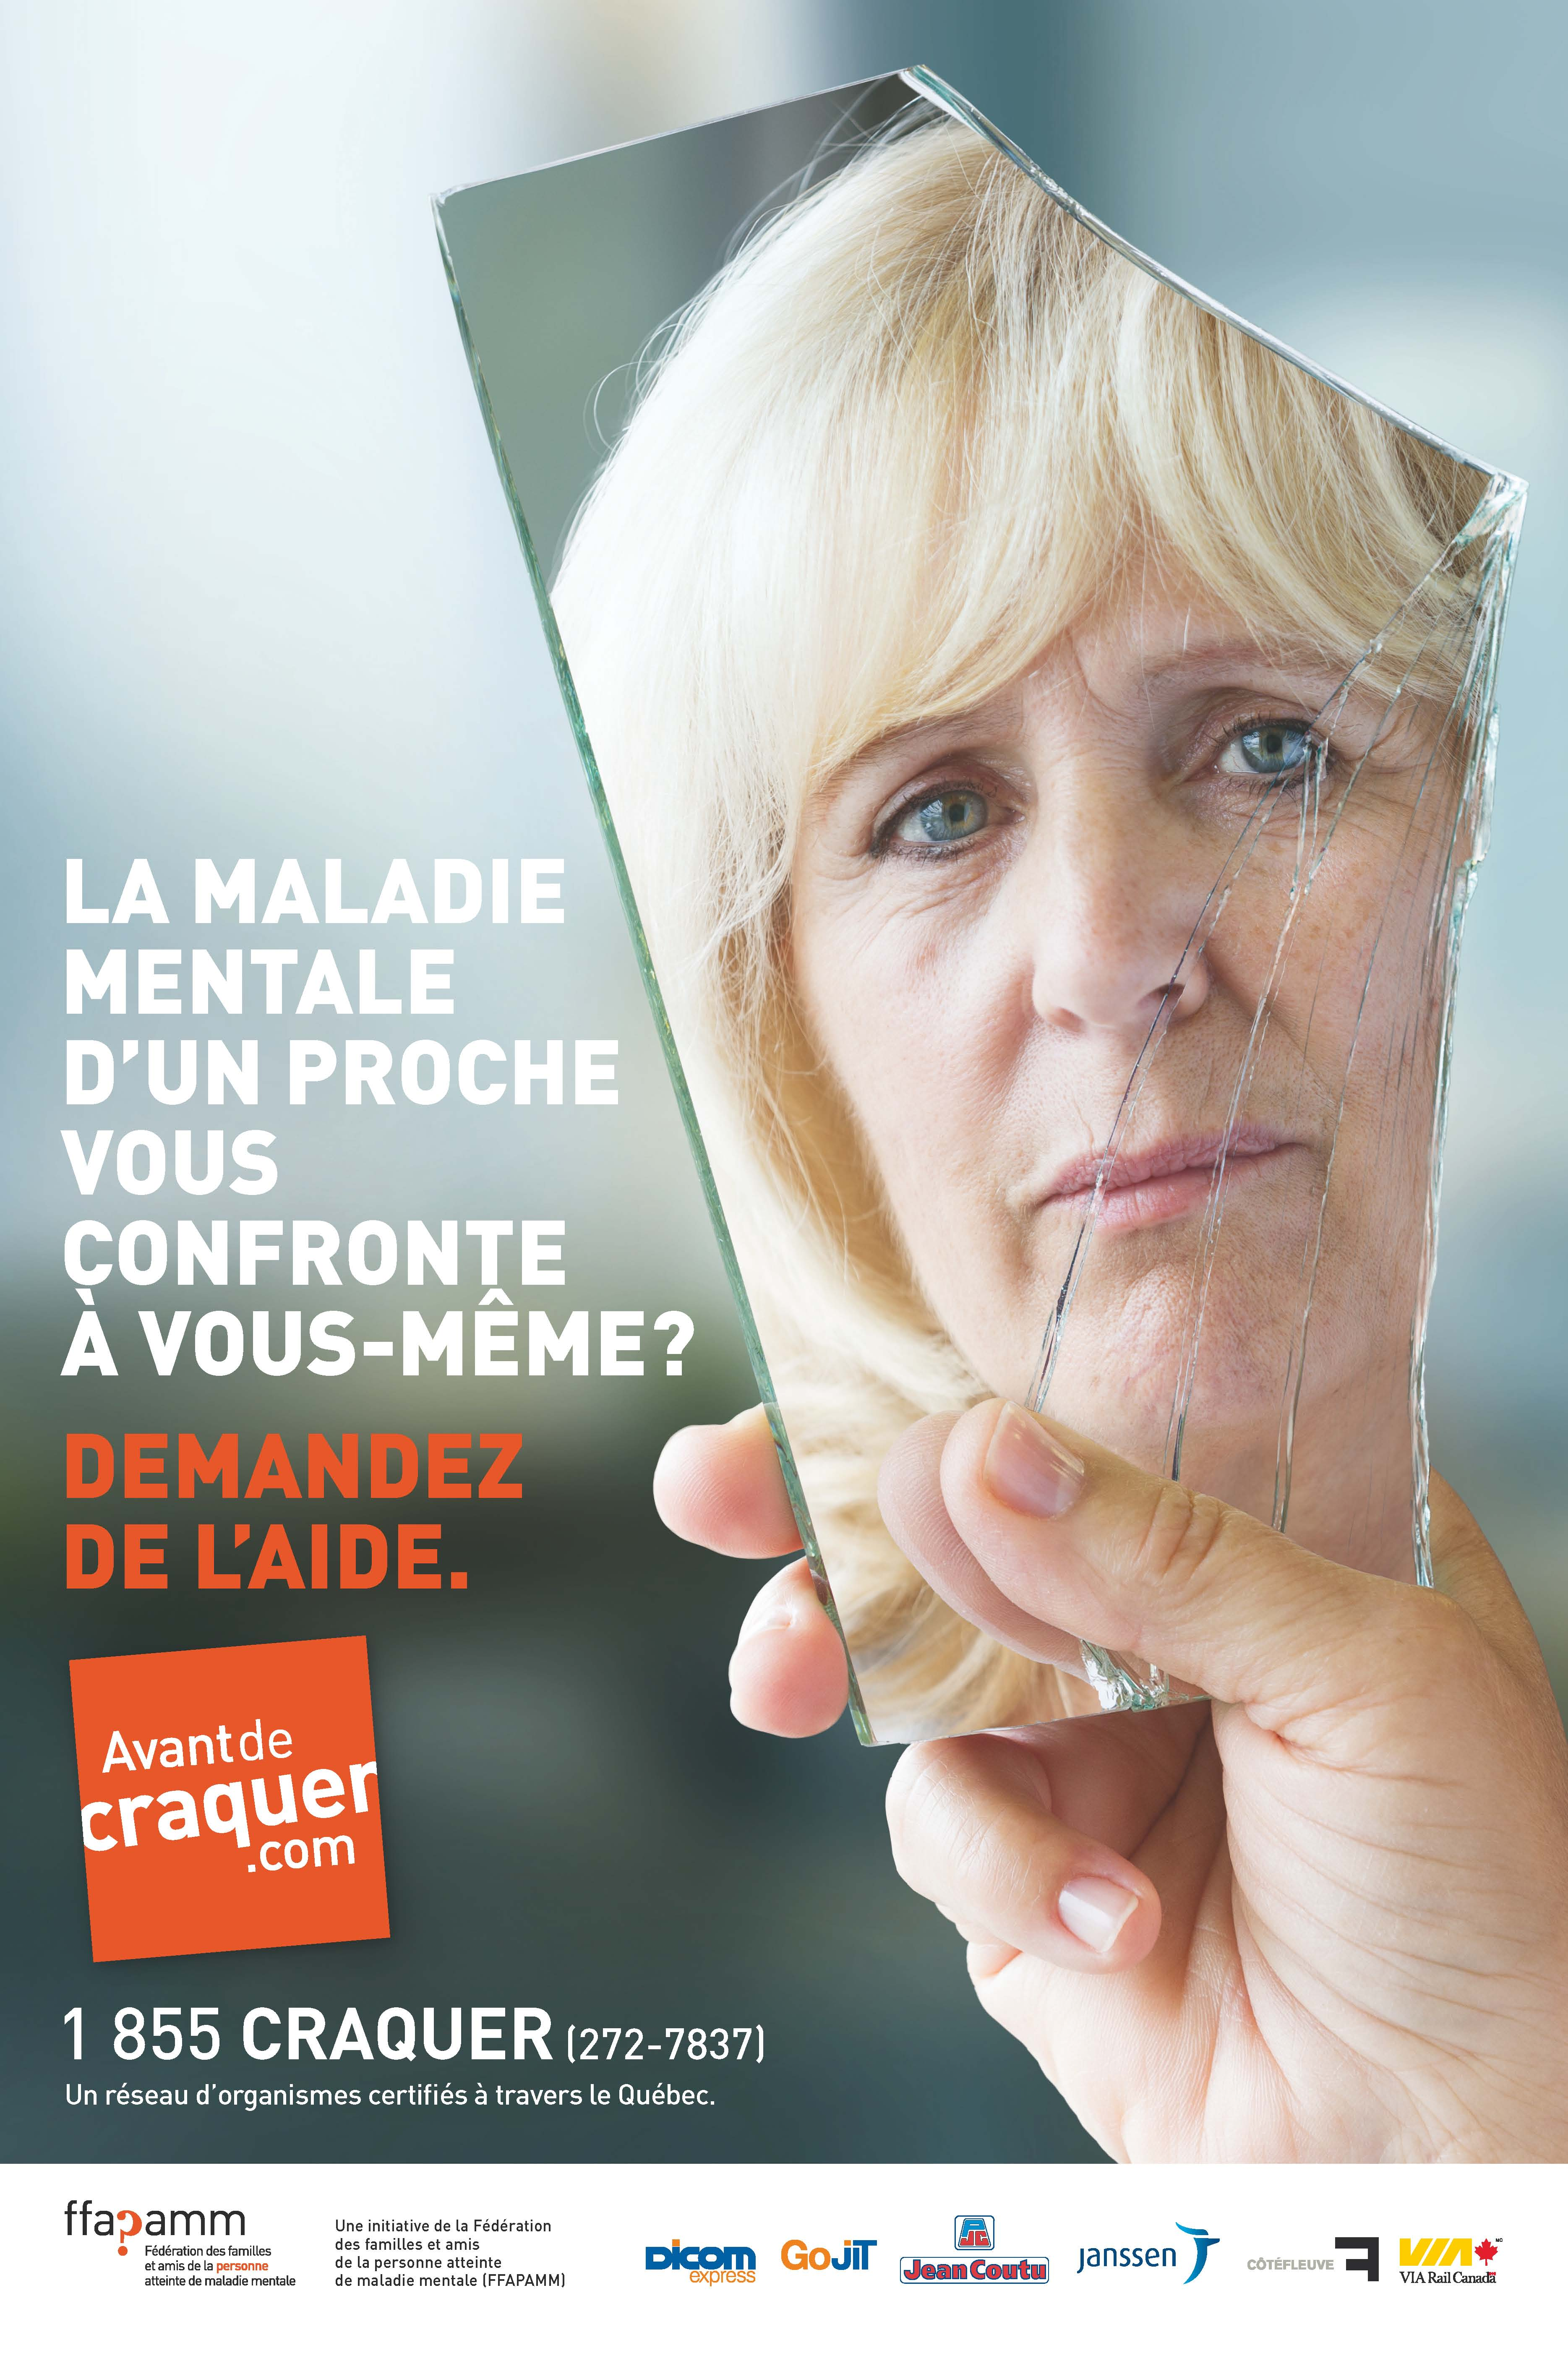 Édition spéciale | Campagne d'information et d'éducation du Réseau Avantdecraquer.com - cover